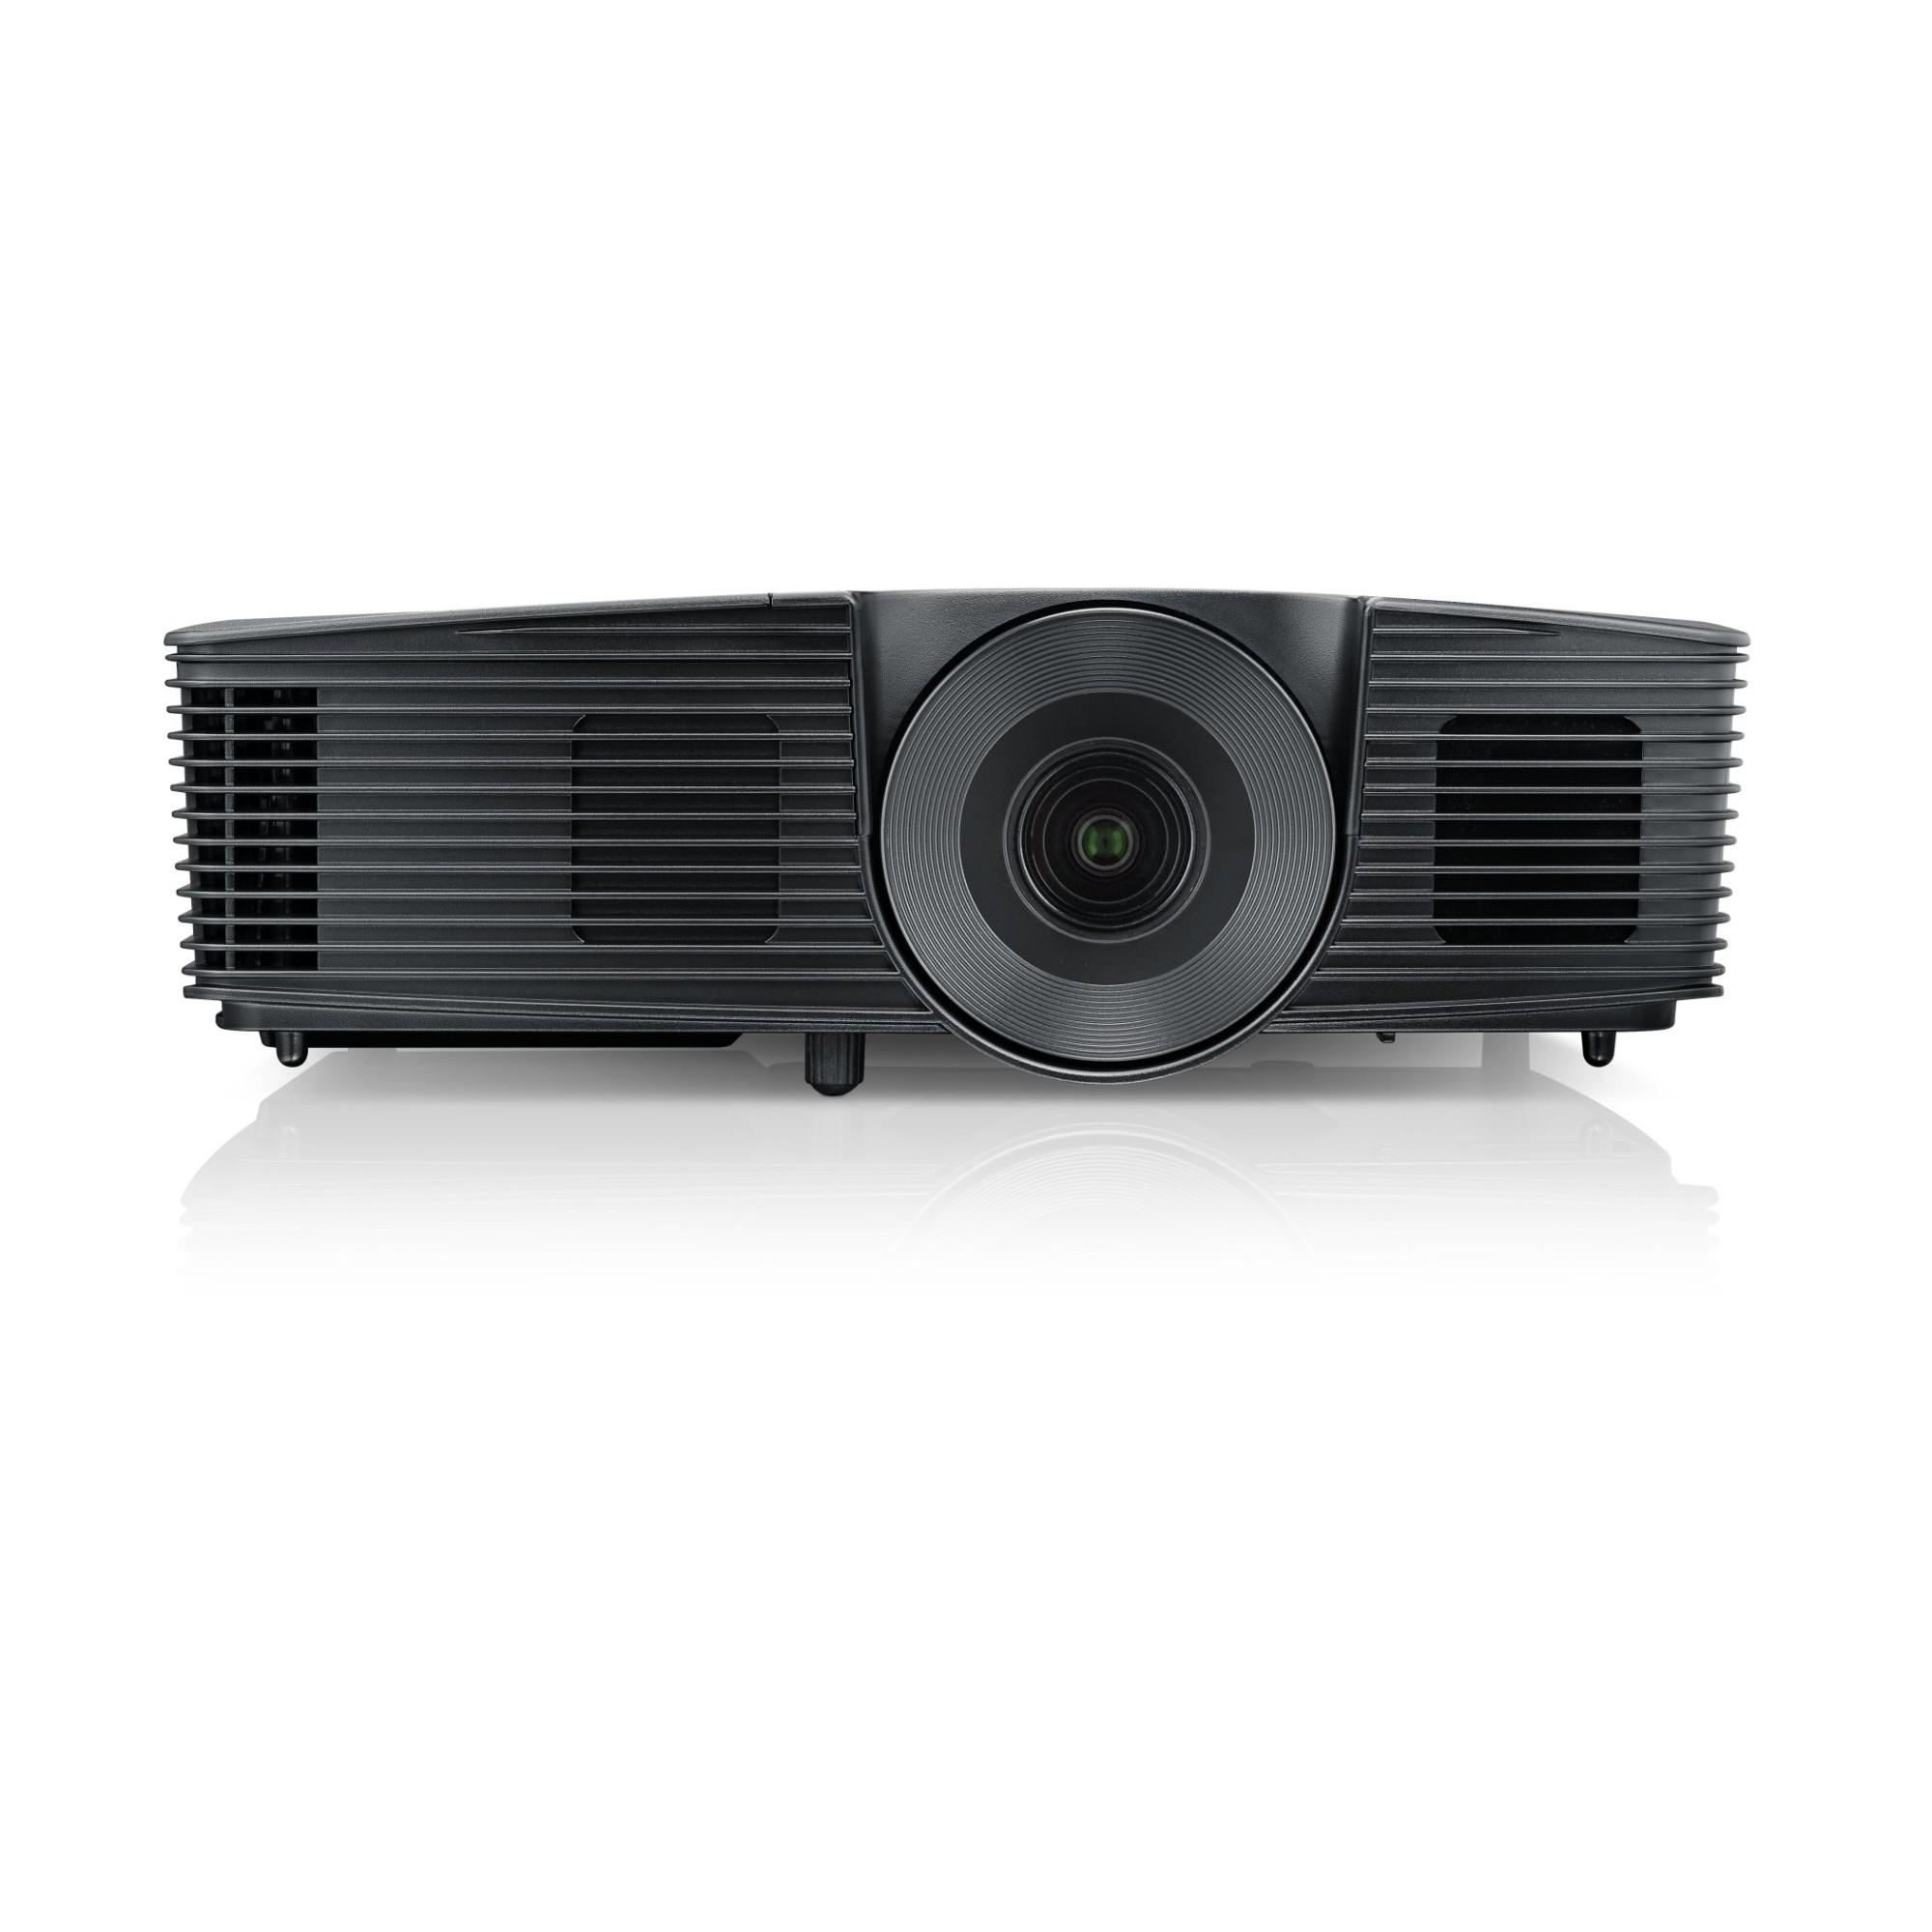 DELL 1450 Desktop projector 3000ANSI lumens DLP XGA (1024x768) 3D Black data projector